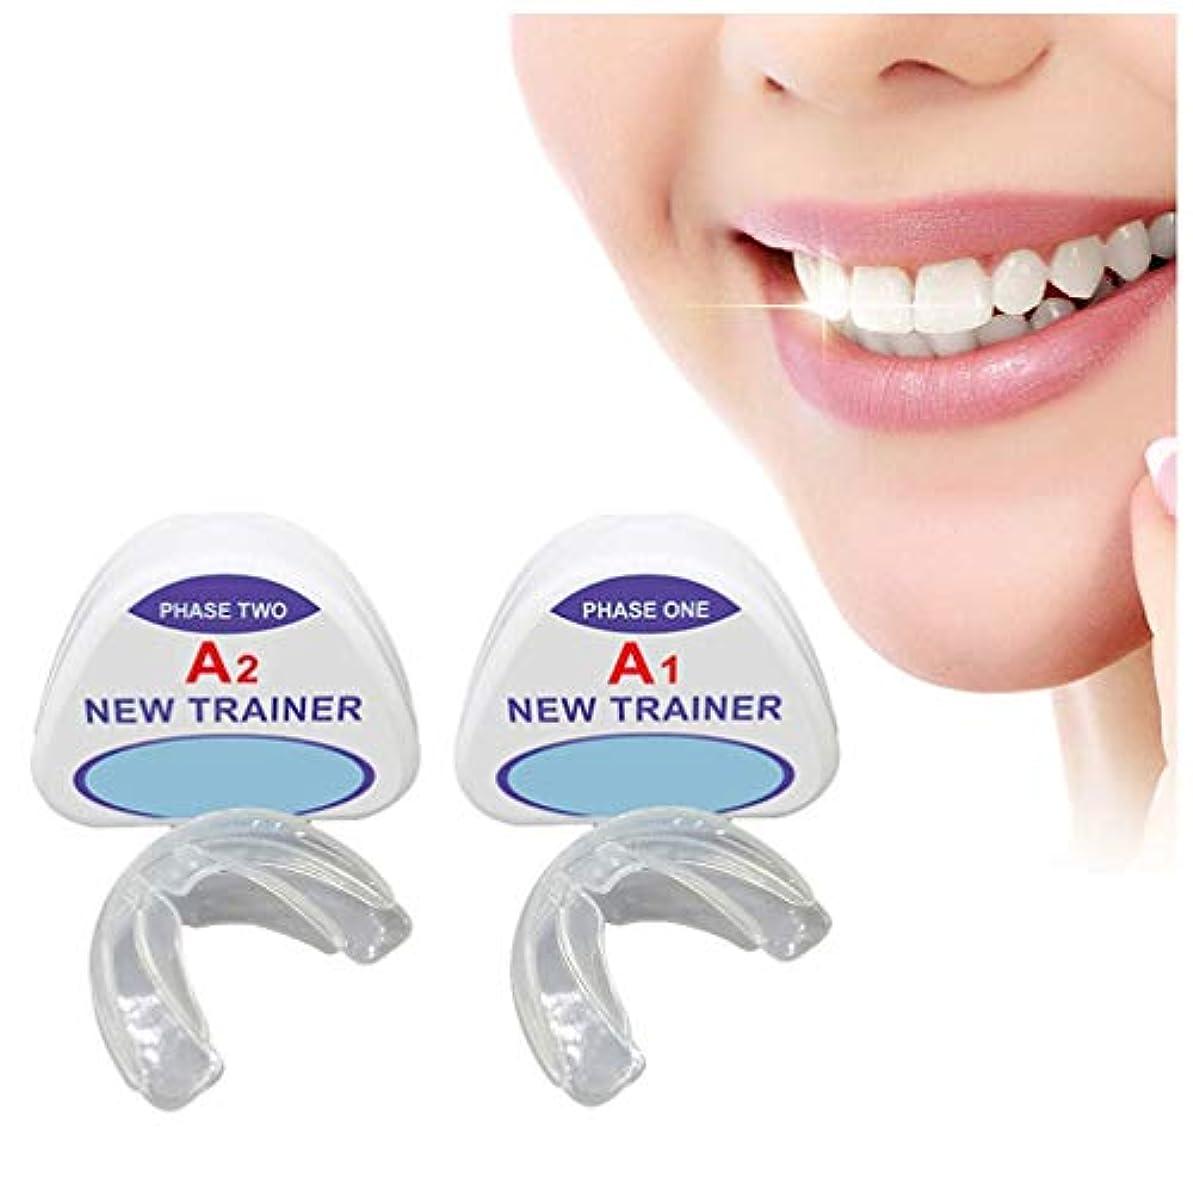 先駆者自分のために努力する歯列矯正トレーナーリテーナー、歯科用マウスガード歯列矯正器具、歯用器具夜予防臼歯ブレース